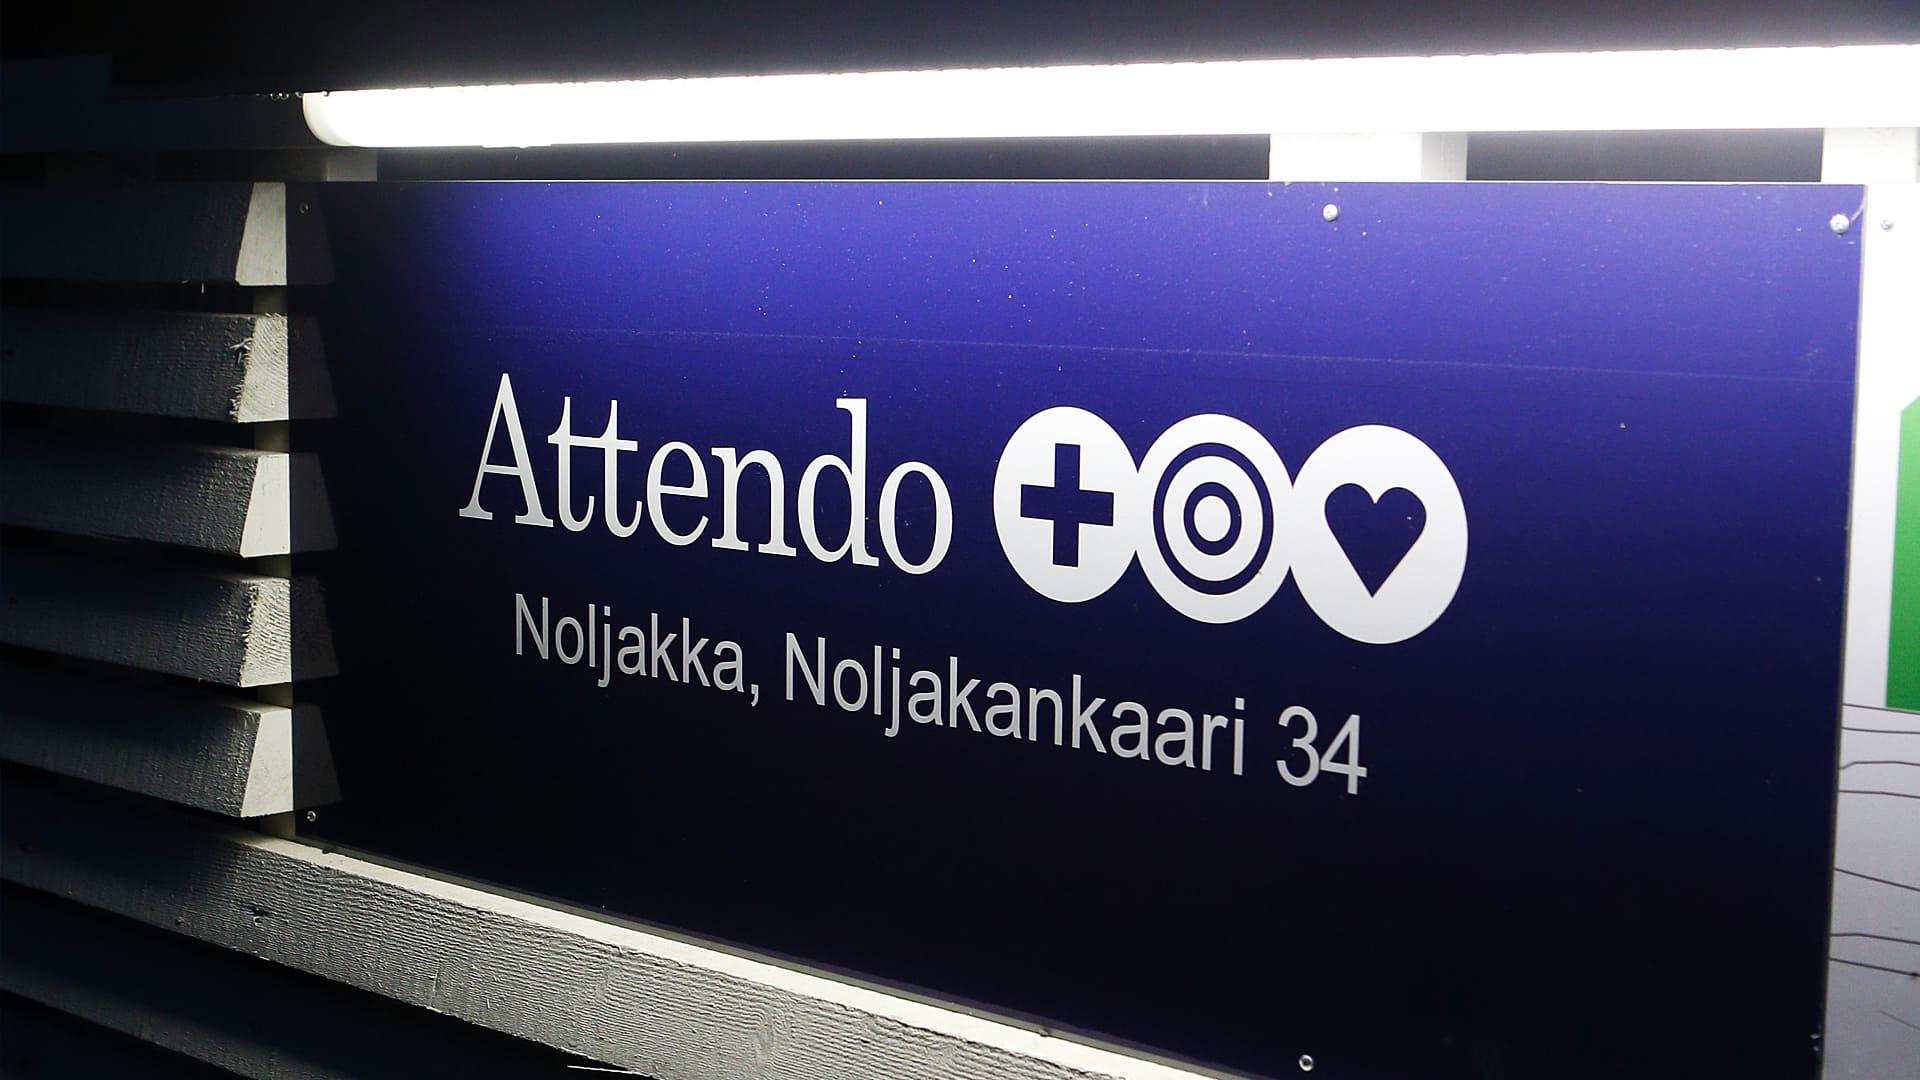 Attendo on Suomen suurimpia terveys- ja hoiva-alan yrityksiä.